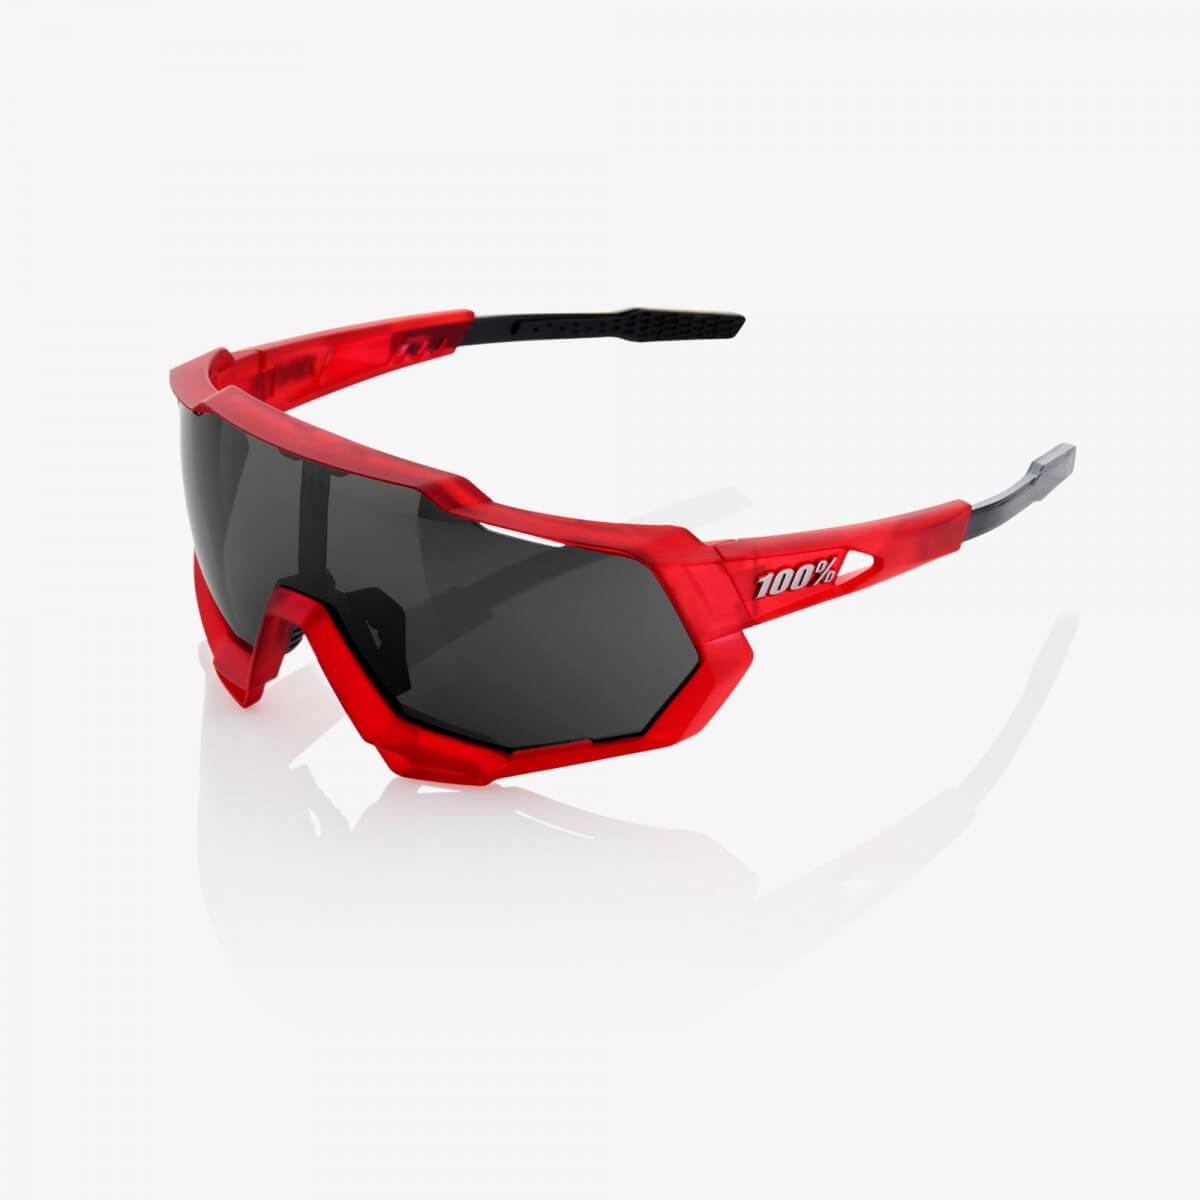 1a5be79d75 Gafas 100% Speedtrap matte rojo y negro con lente espejo negra